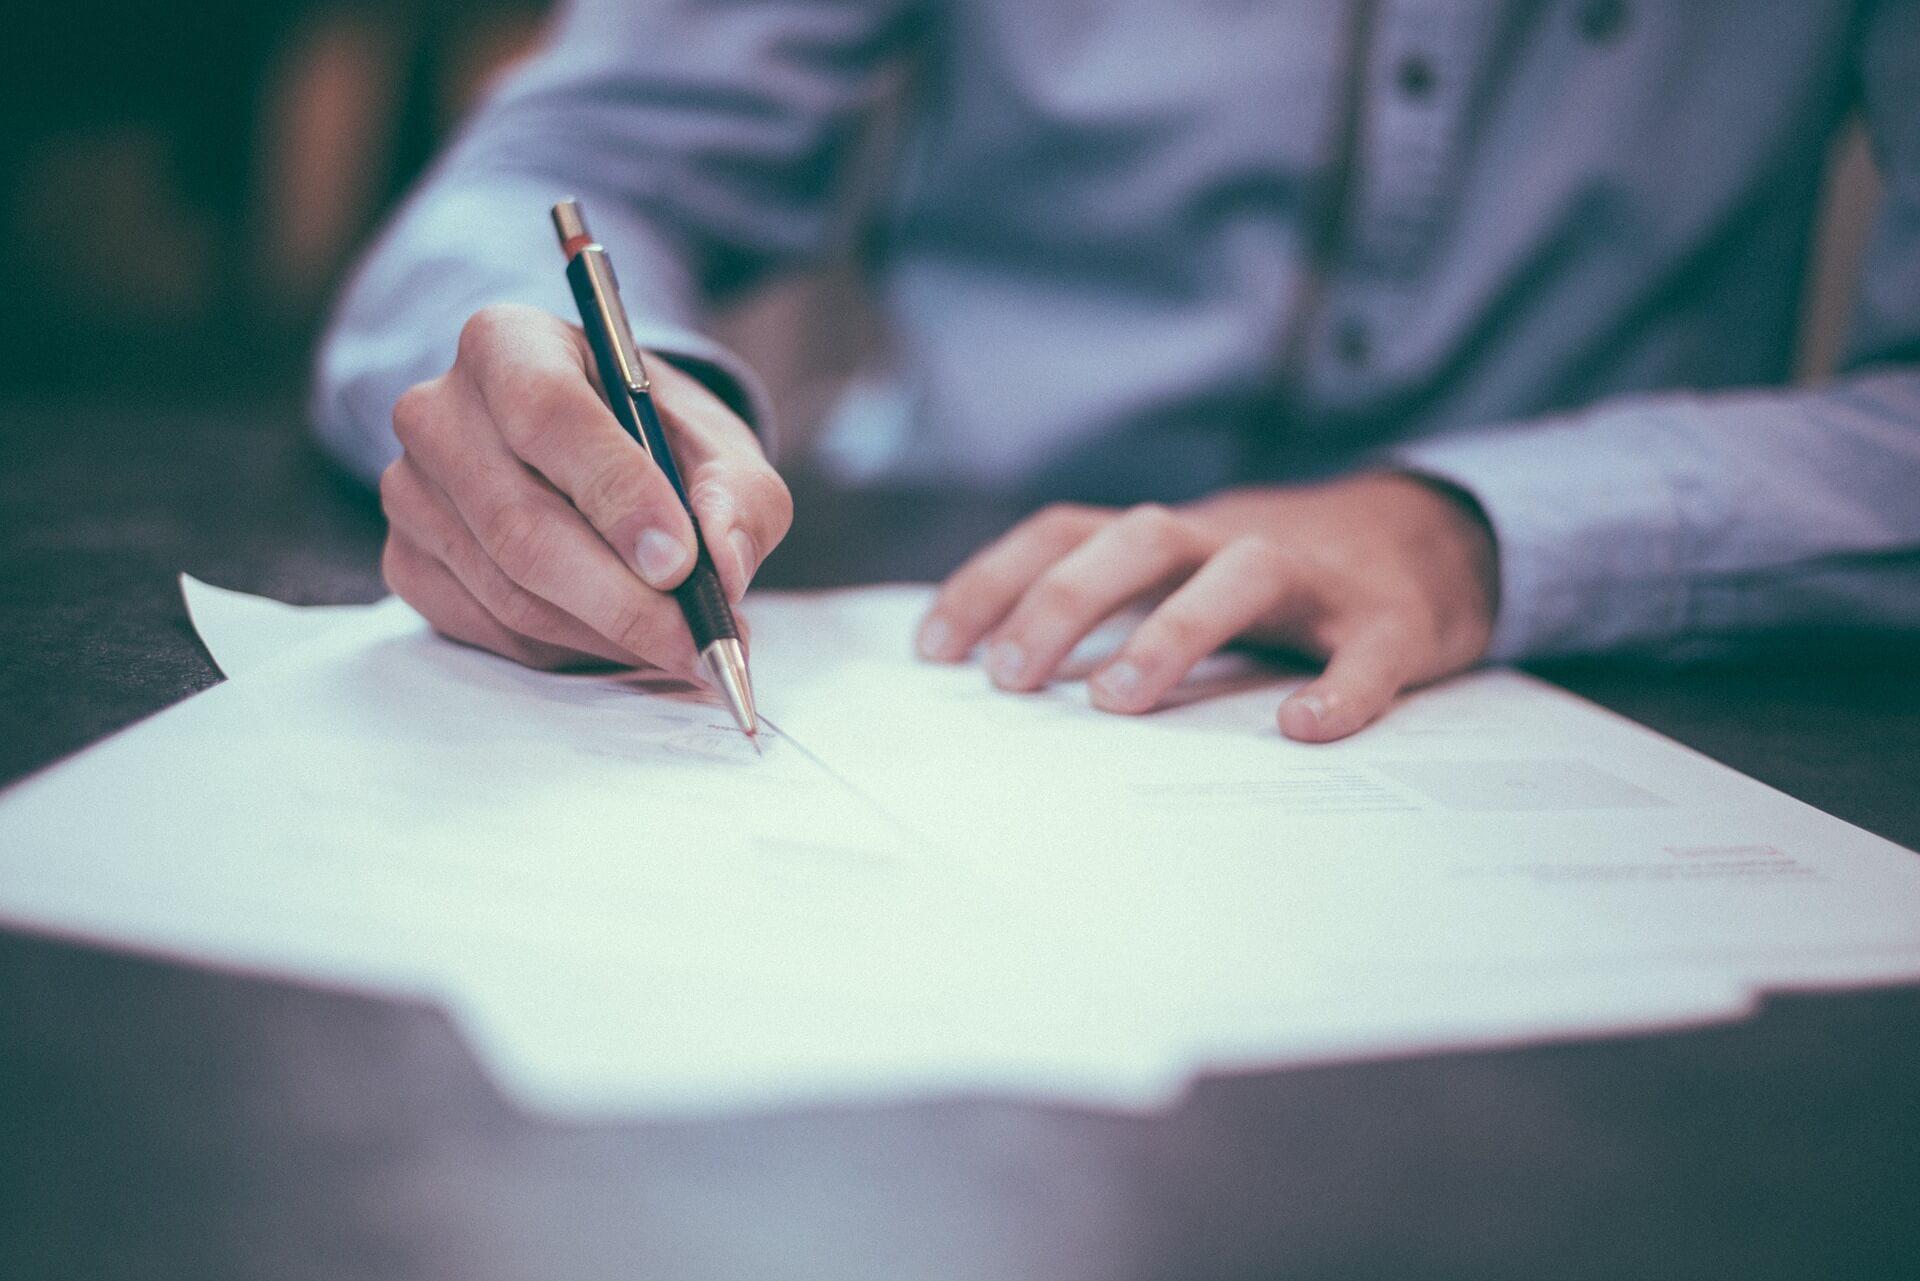 Seguro de Inquilinos: Qué es y qué cubre firma contrato